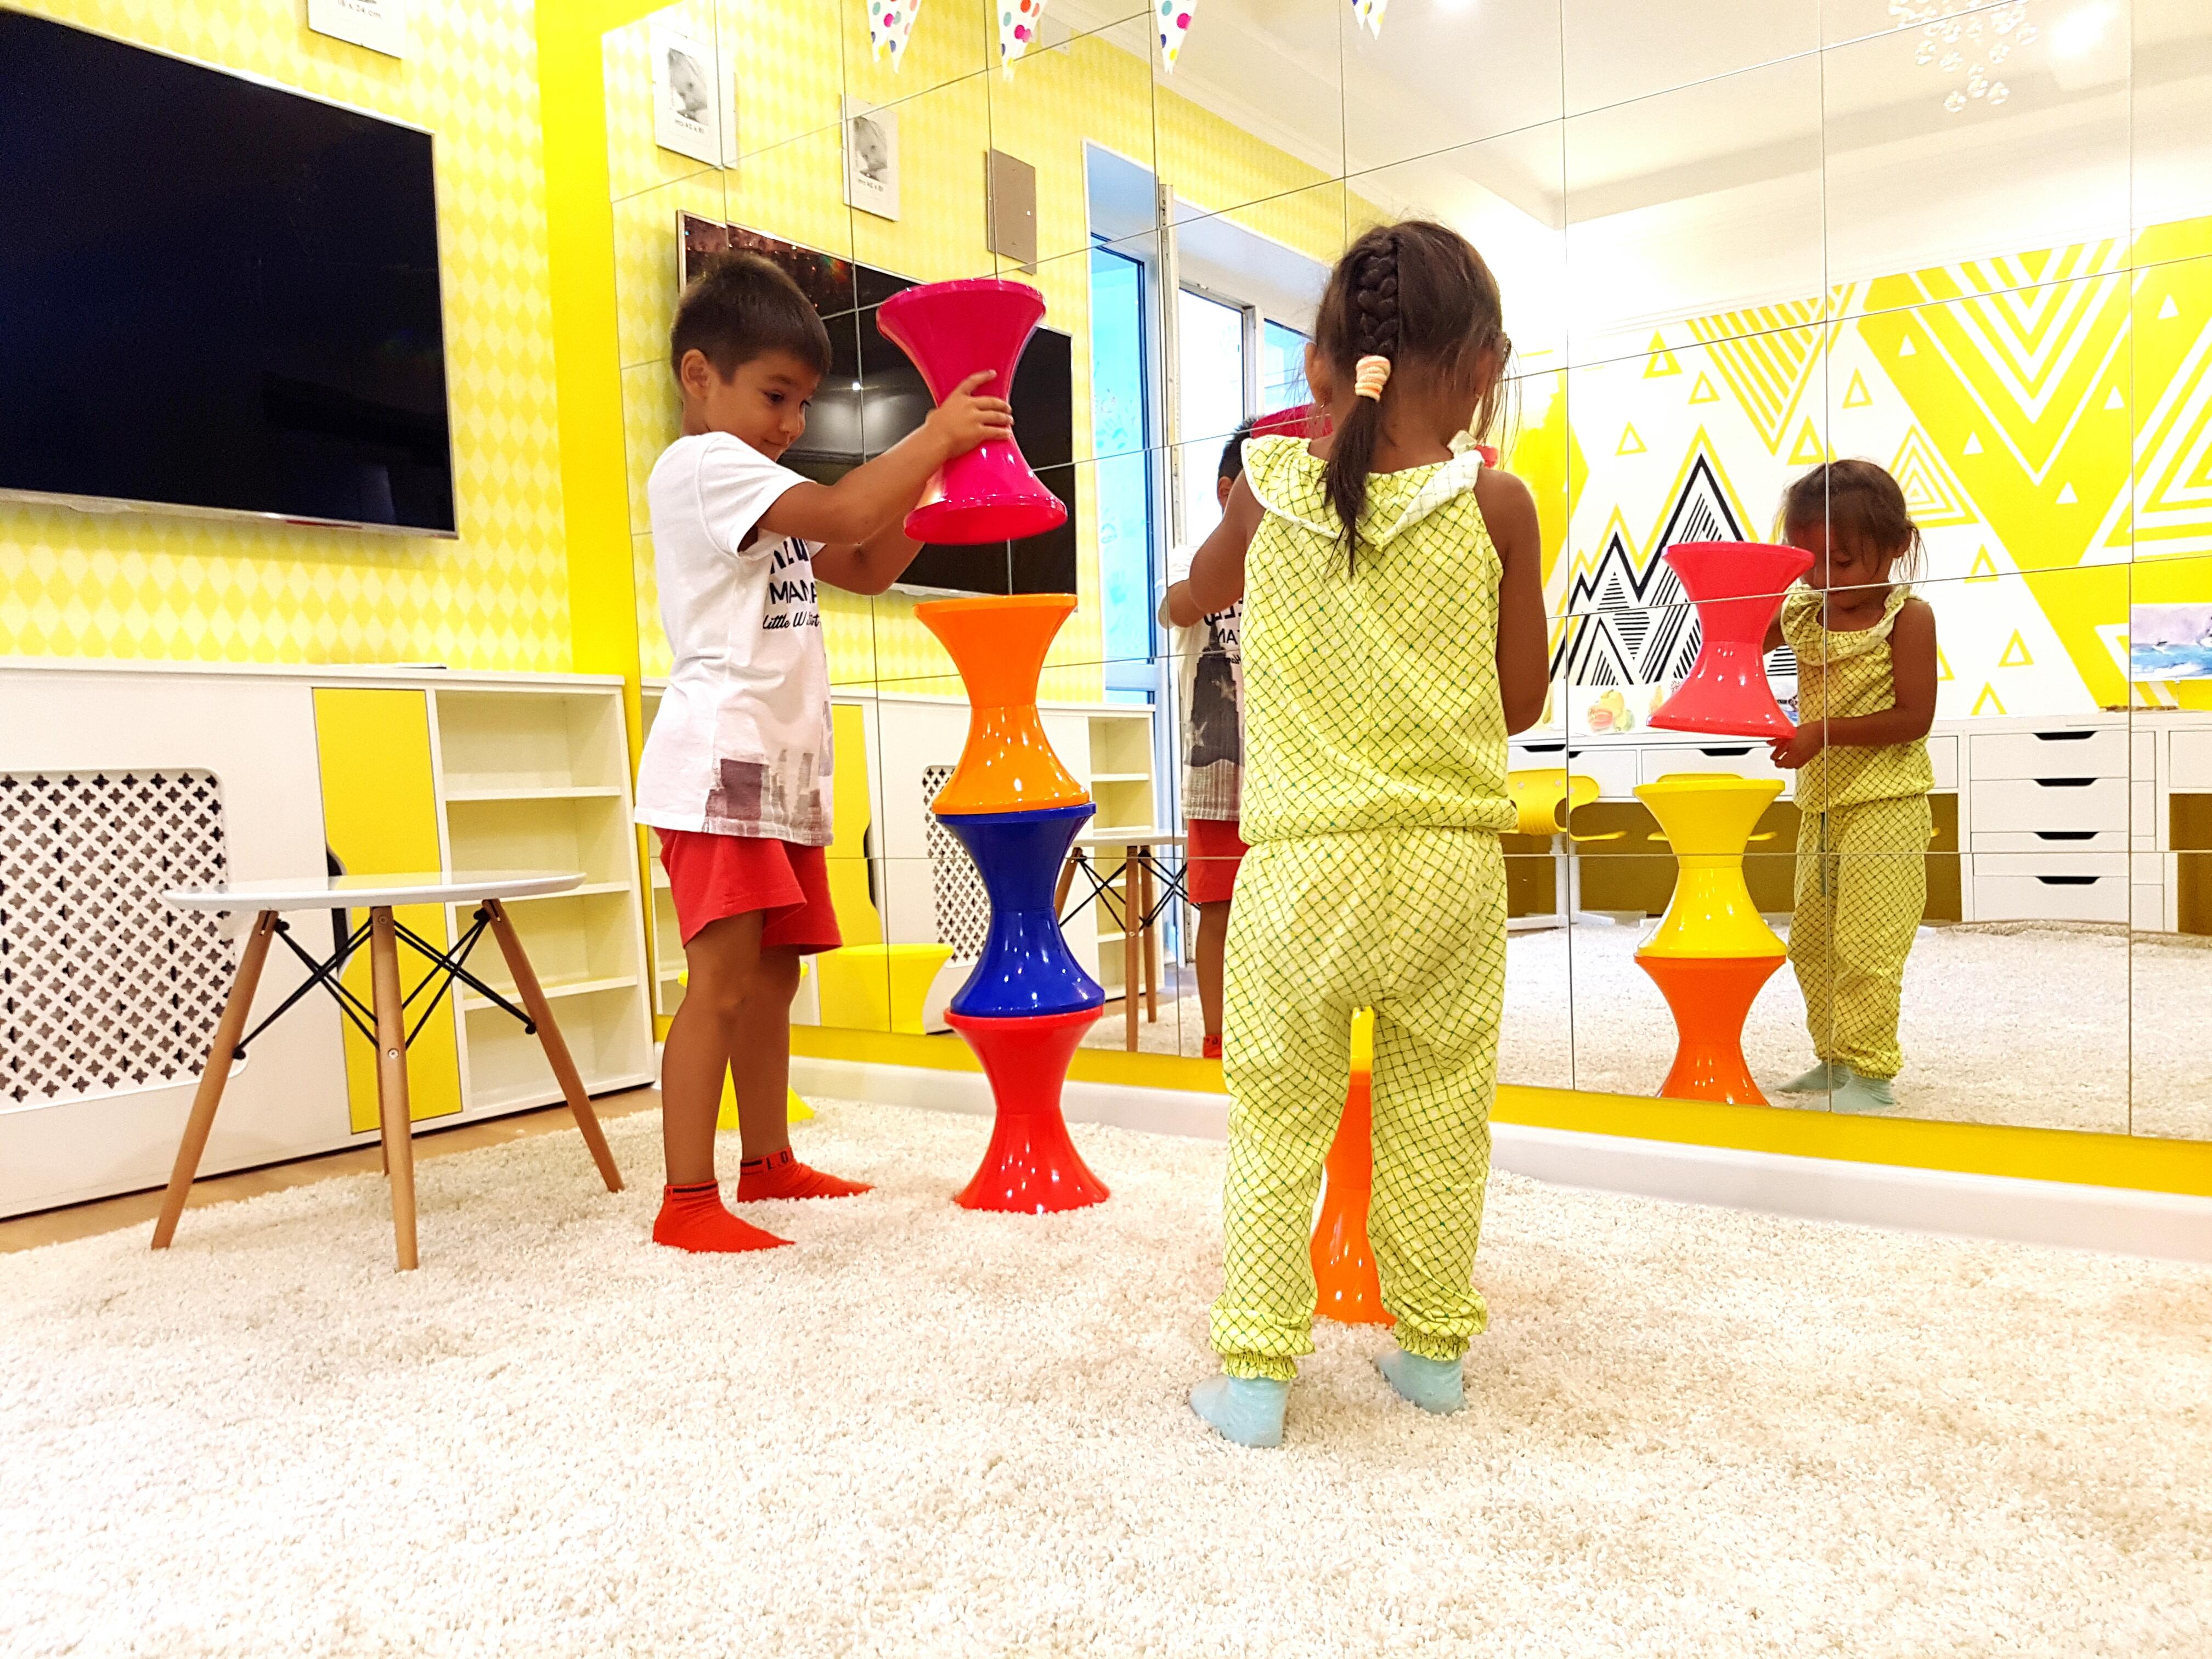 123 академия зеркальный зал